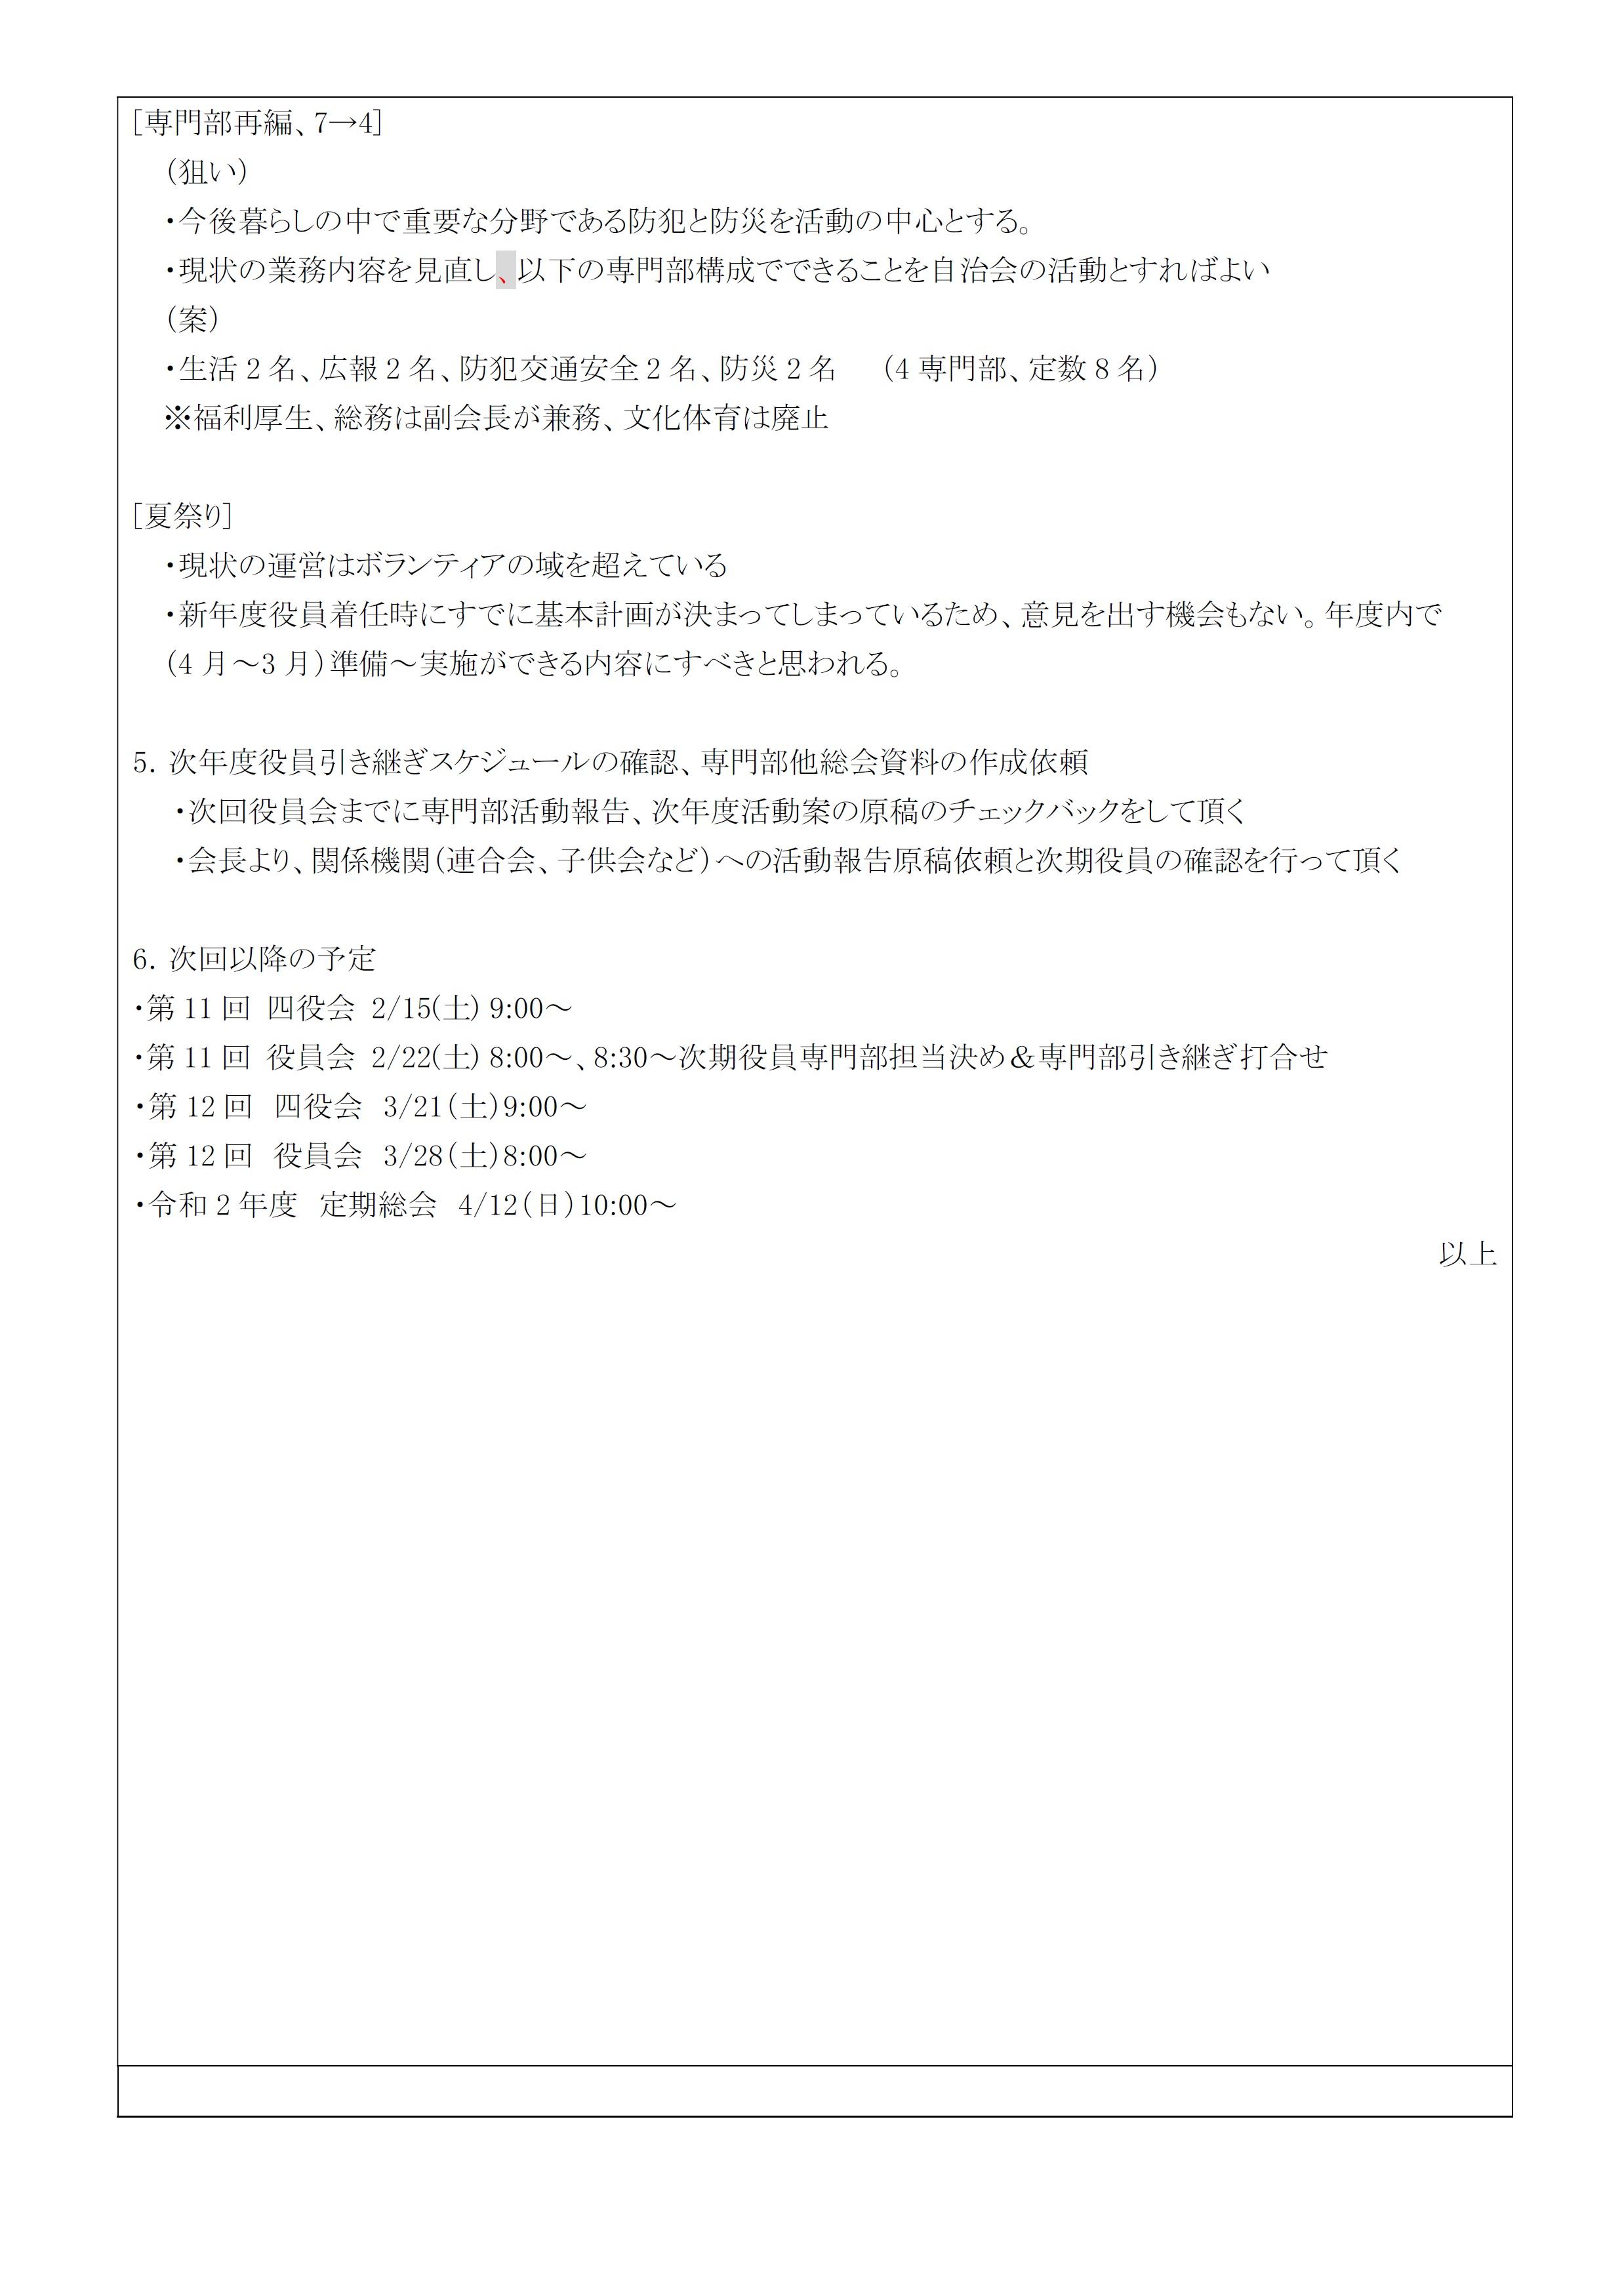 2019第10回役員会議事録P2